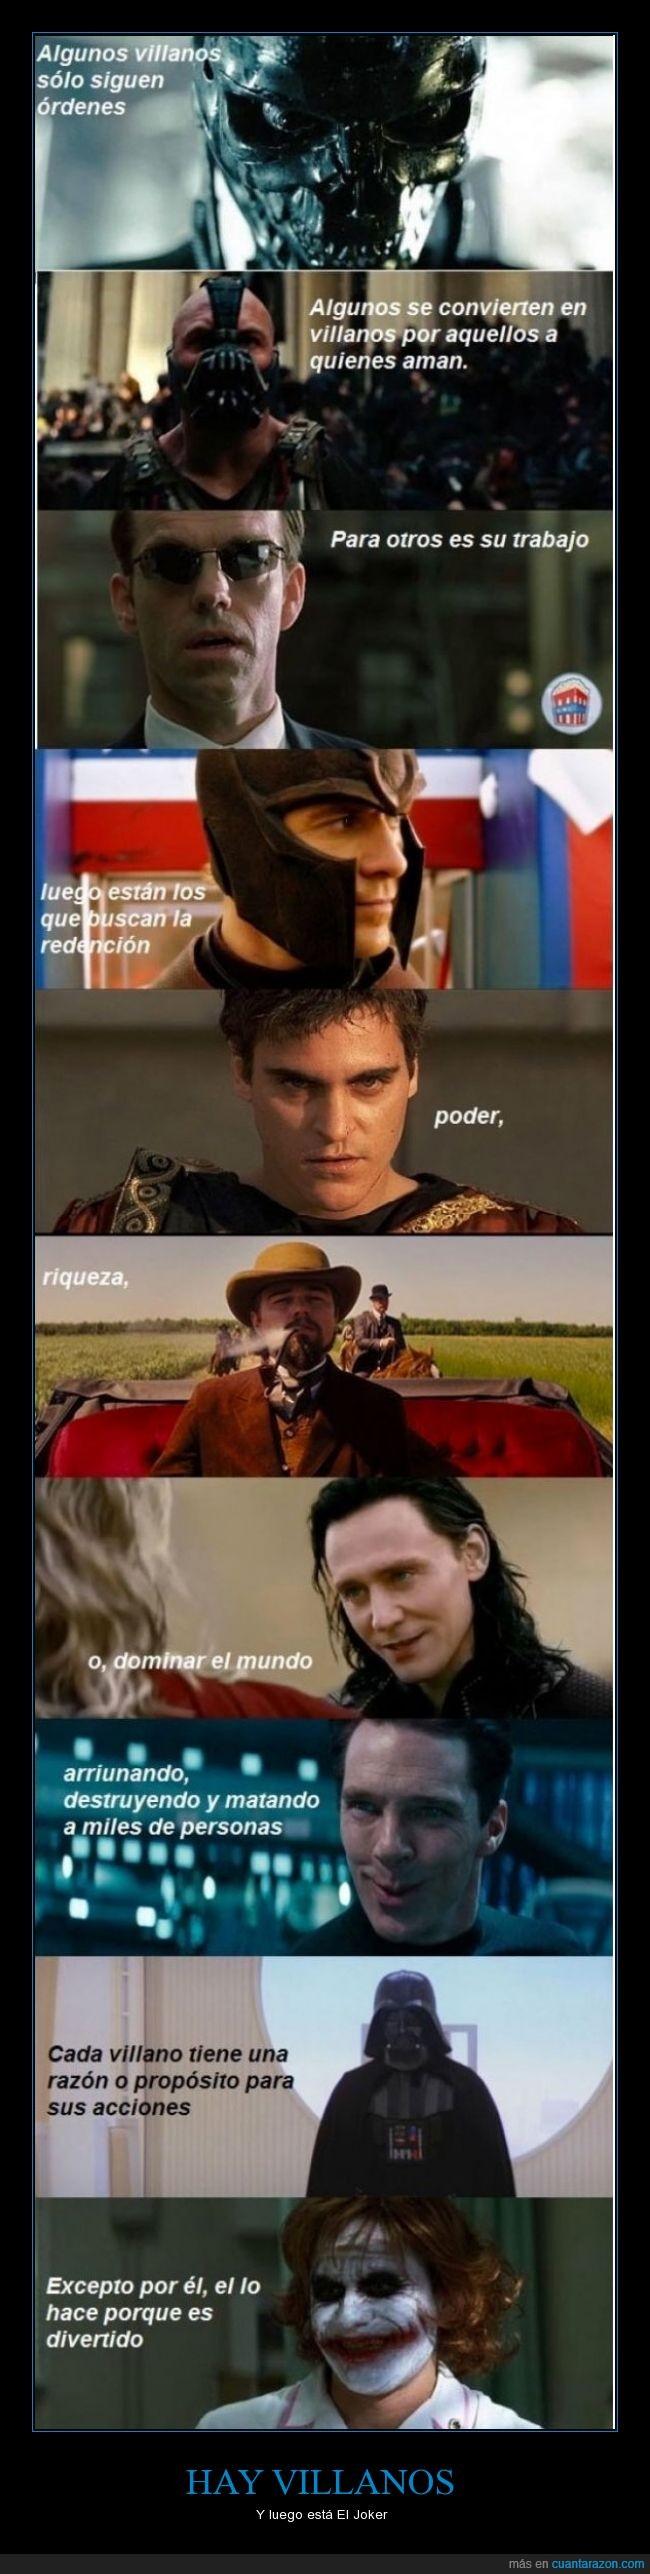 Agente Smith,Darth Vader,divertido,Joker,Magneto,Maximo Meridio,Villanos